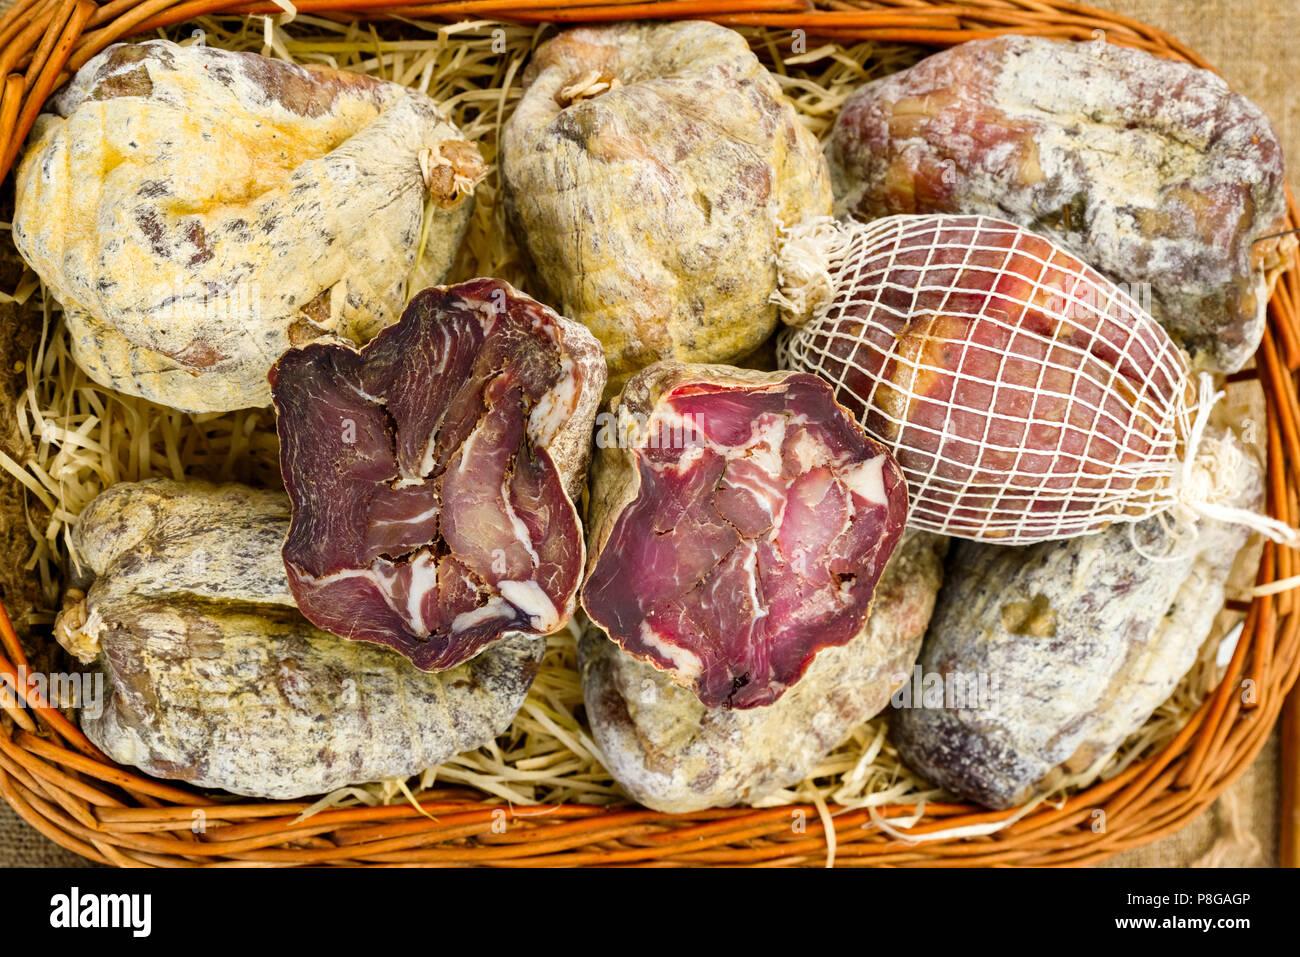 Smoked Meat de matières premières dans un filet en osier Photo Stock